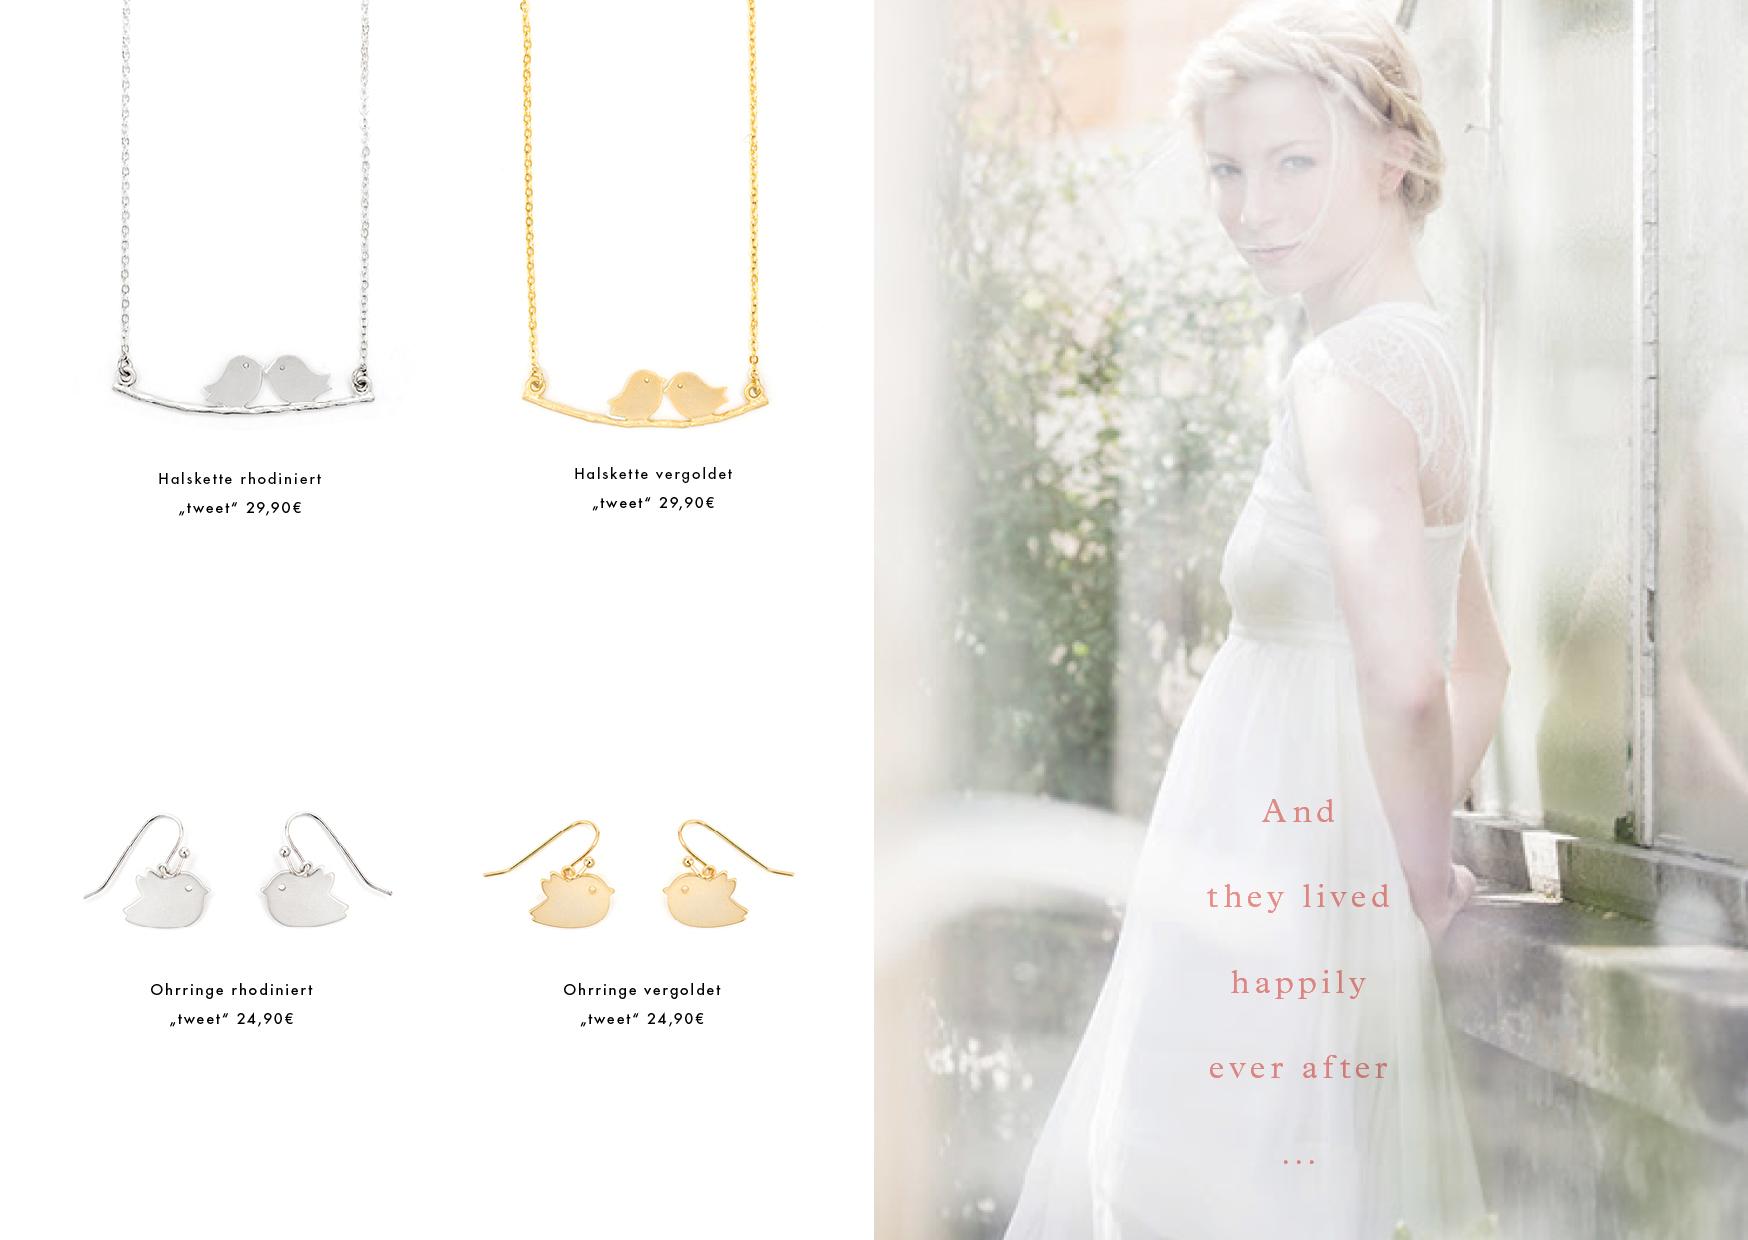 Hochzeitsschmuck Ohrringe gold silber Madeleine Issing